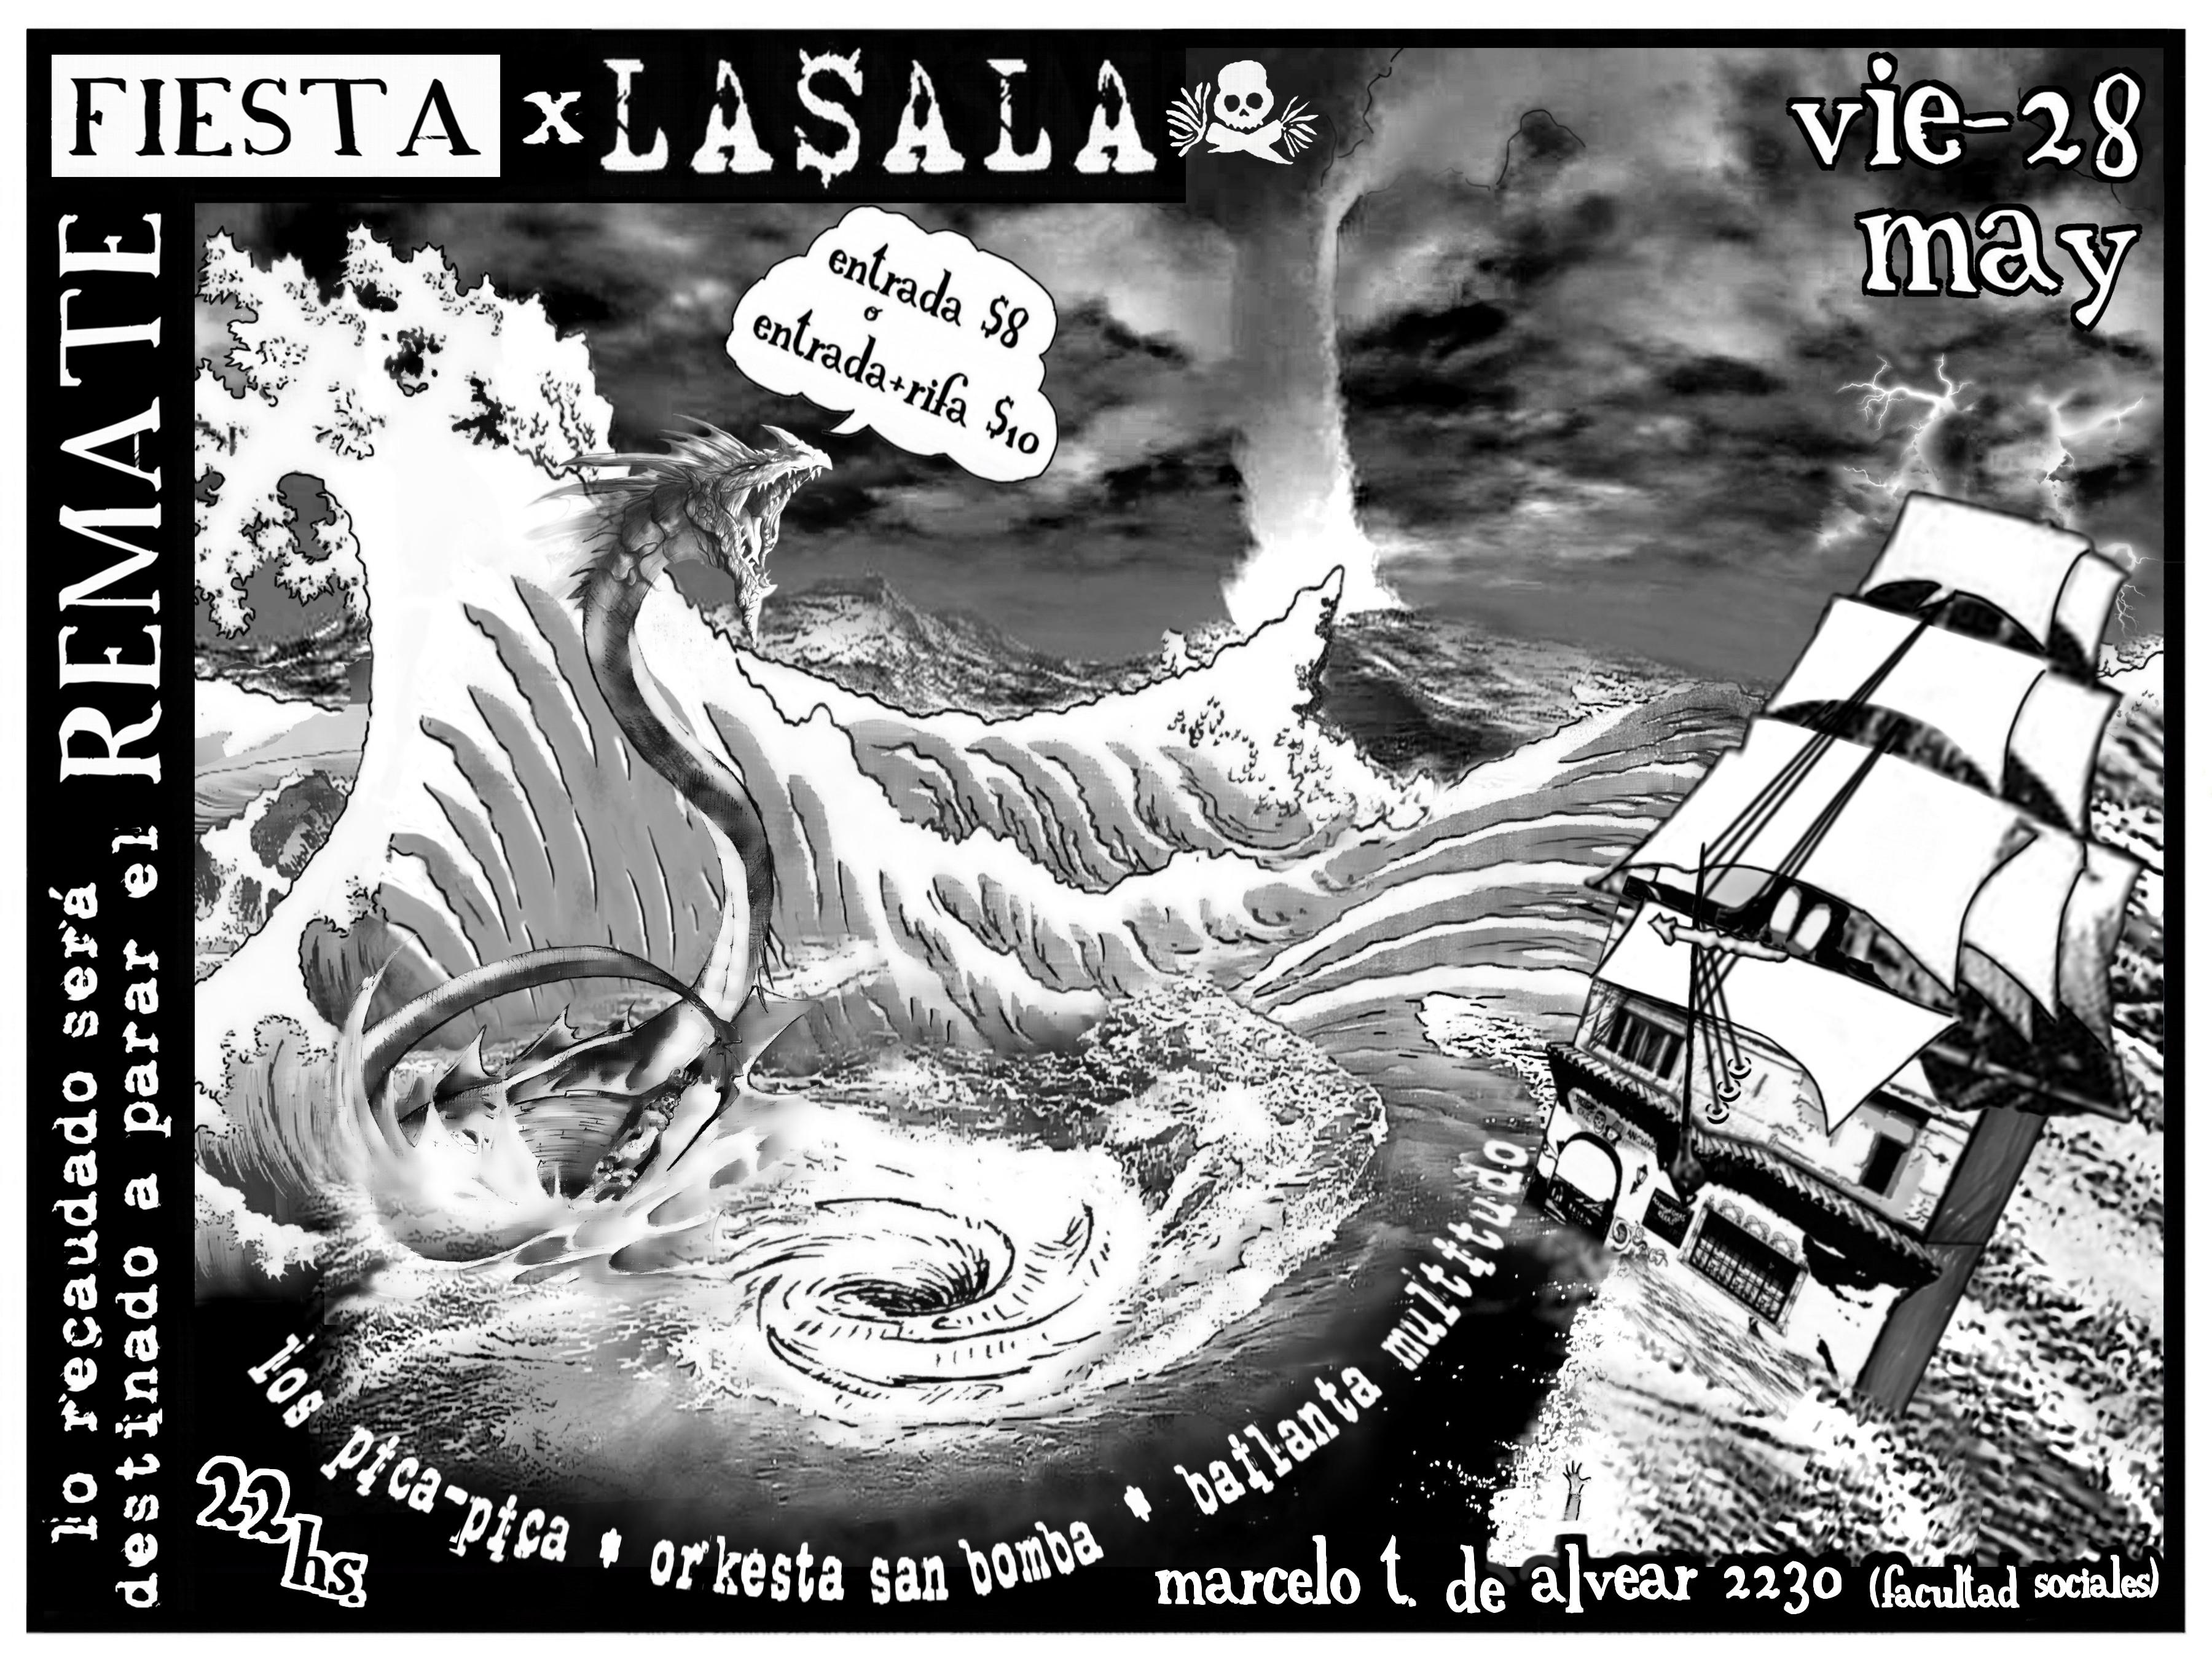 FIESTA SOLIDARIA: CONTRA EL REMATE DE LA$ALA | VIE-28-V